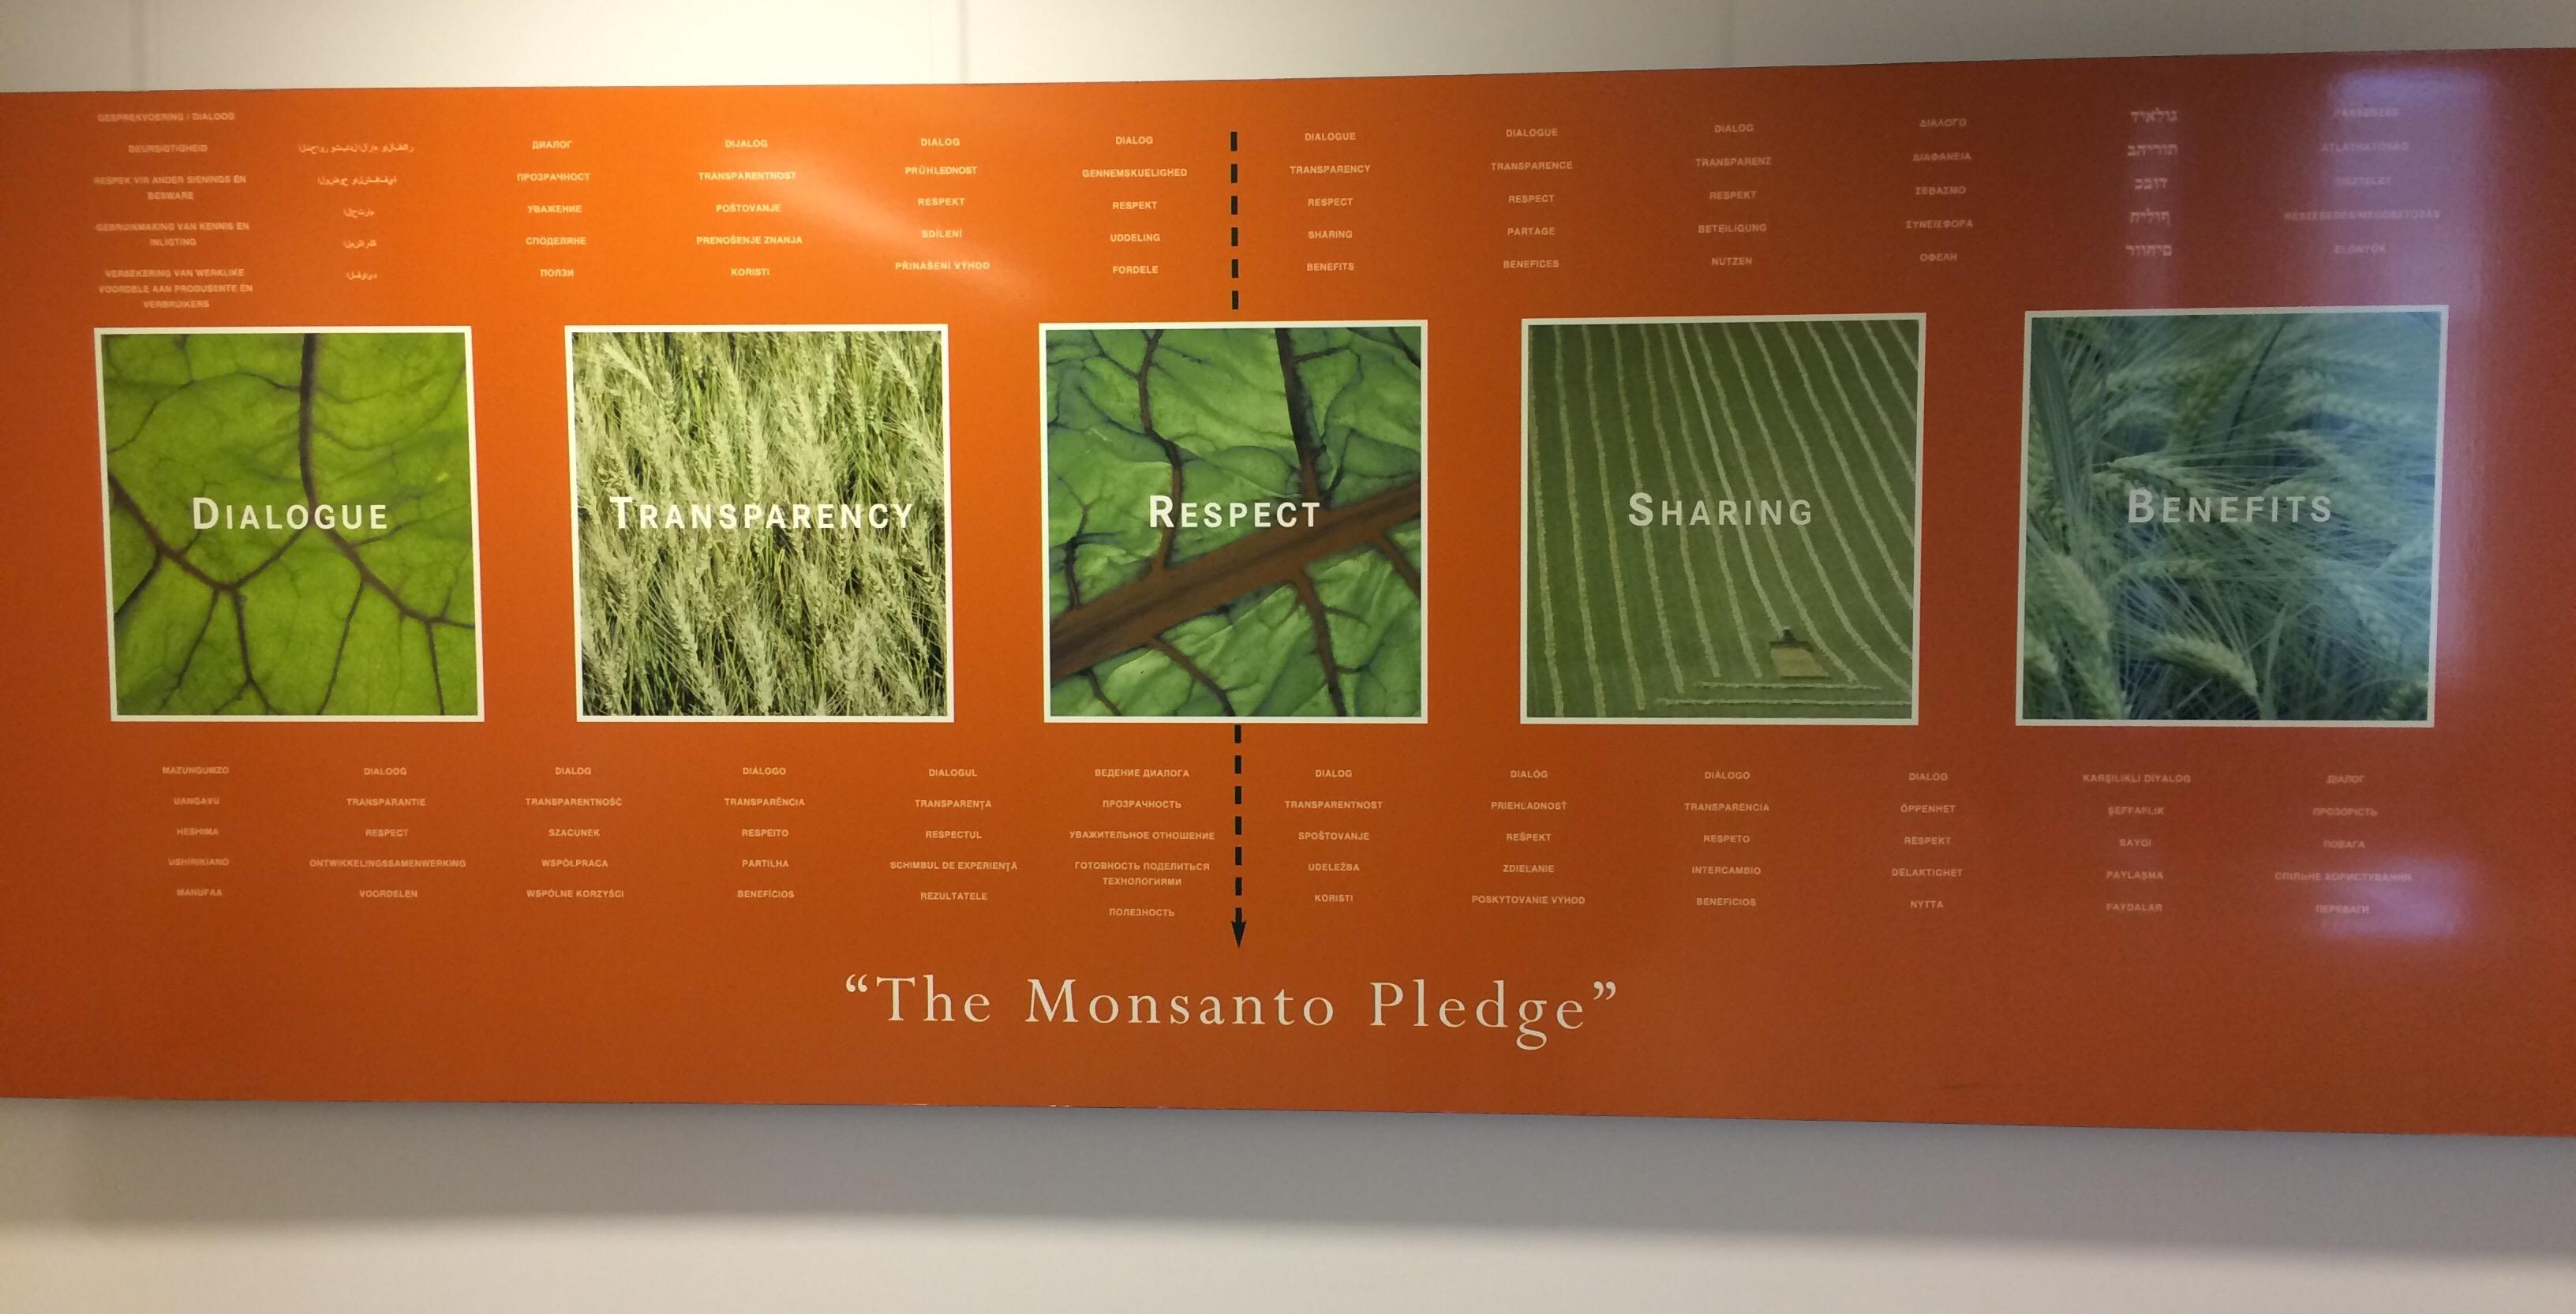 Le poster qui accueille les visiteurs à l'entrée des bureaux de Monsanto: transparence, dialogue, ...